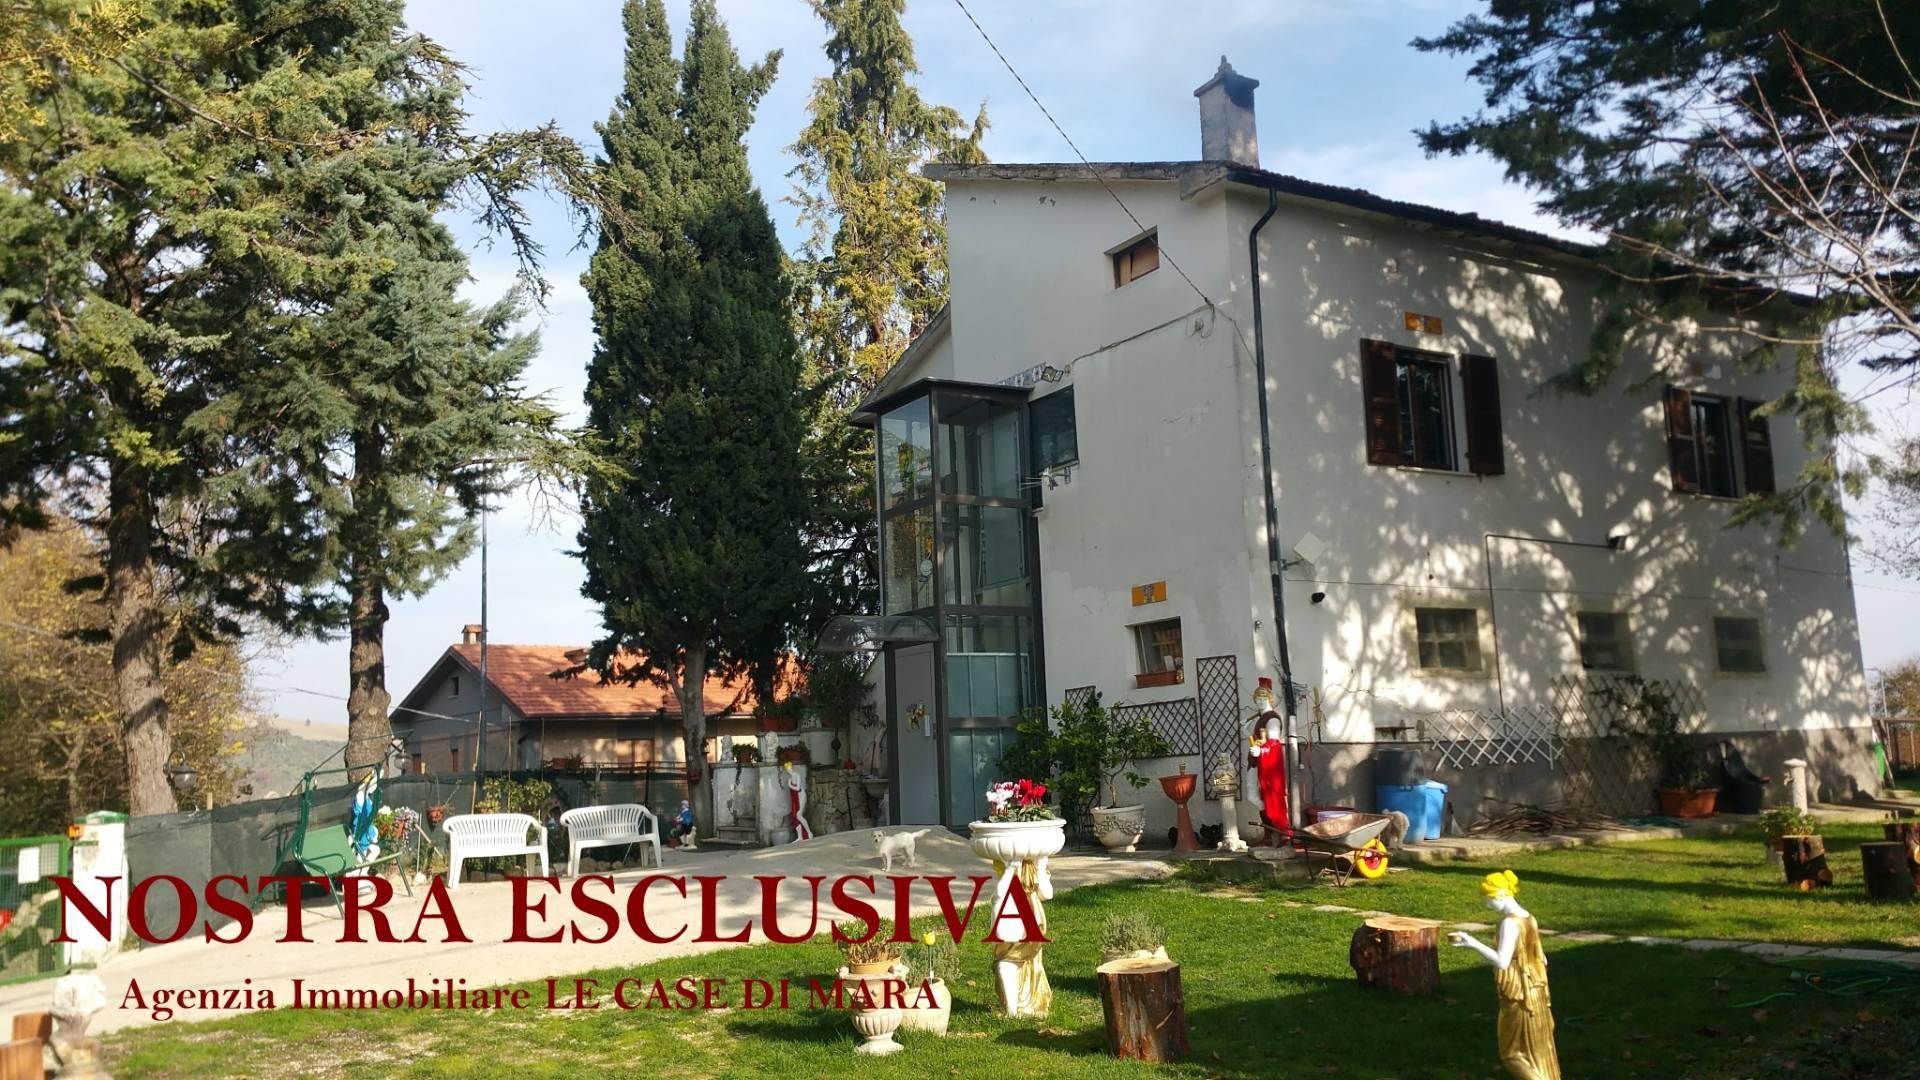 Rustico / Casale in vendita a Ascoli Piceno, 7 locali, zona Località: MonticelliAlto, prezzo € 270.000 | CambioCasa.it